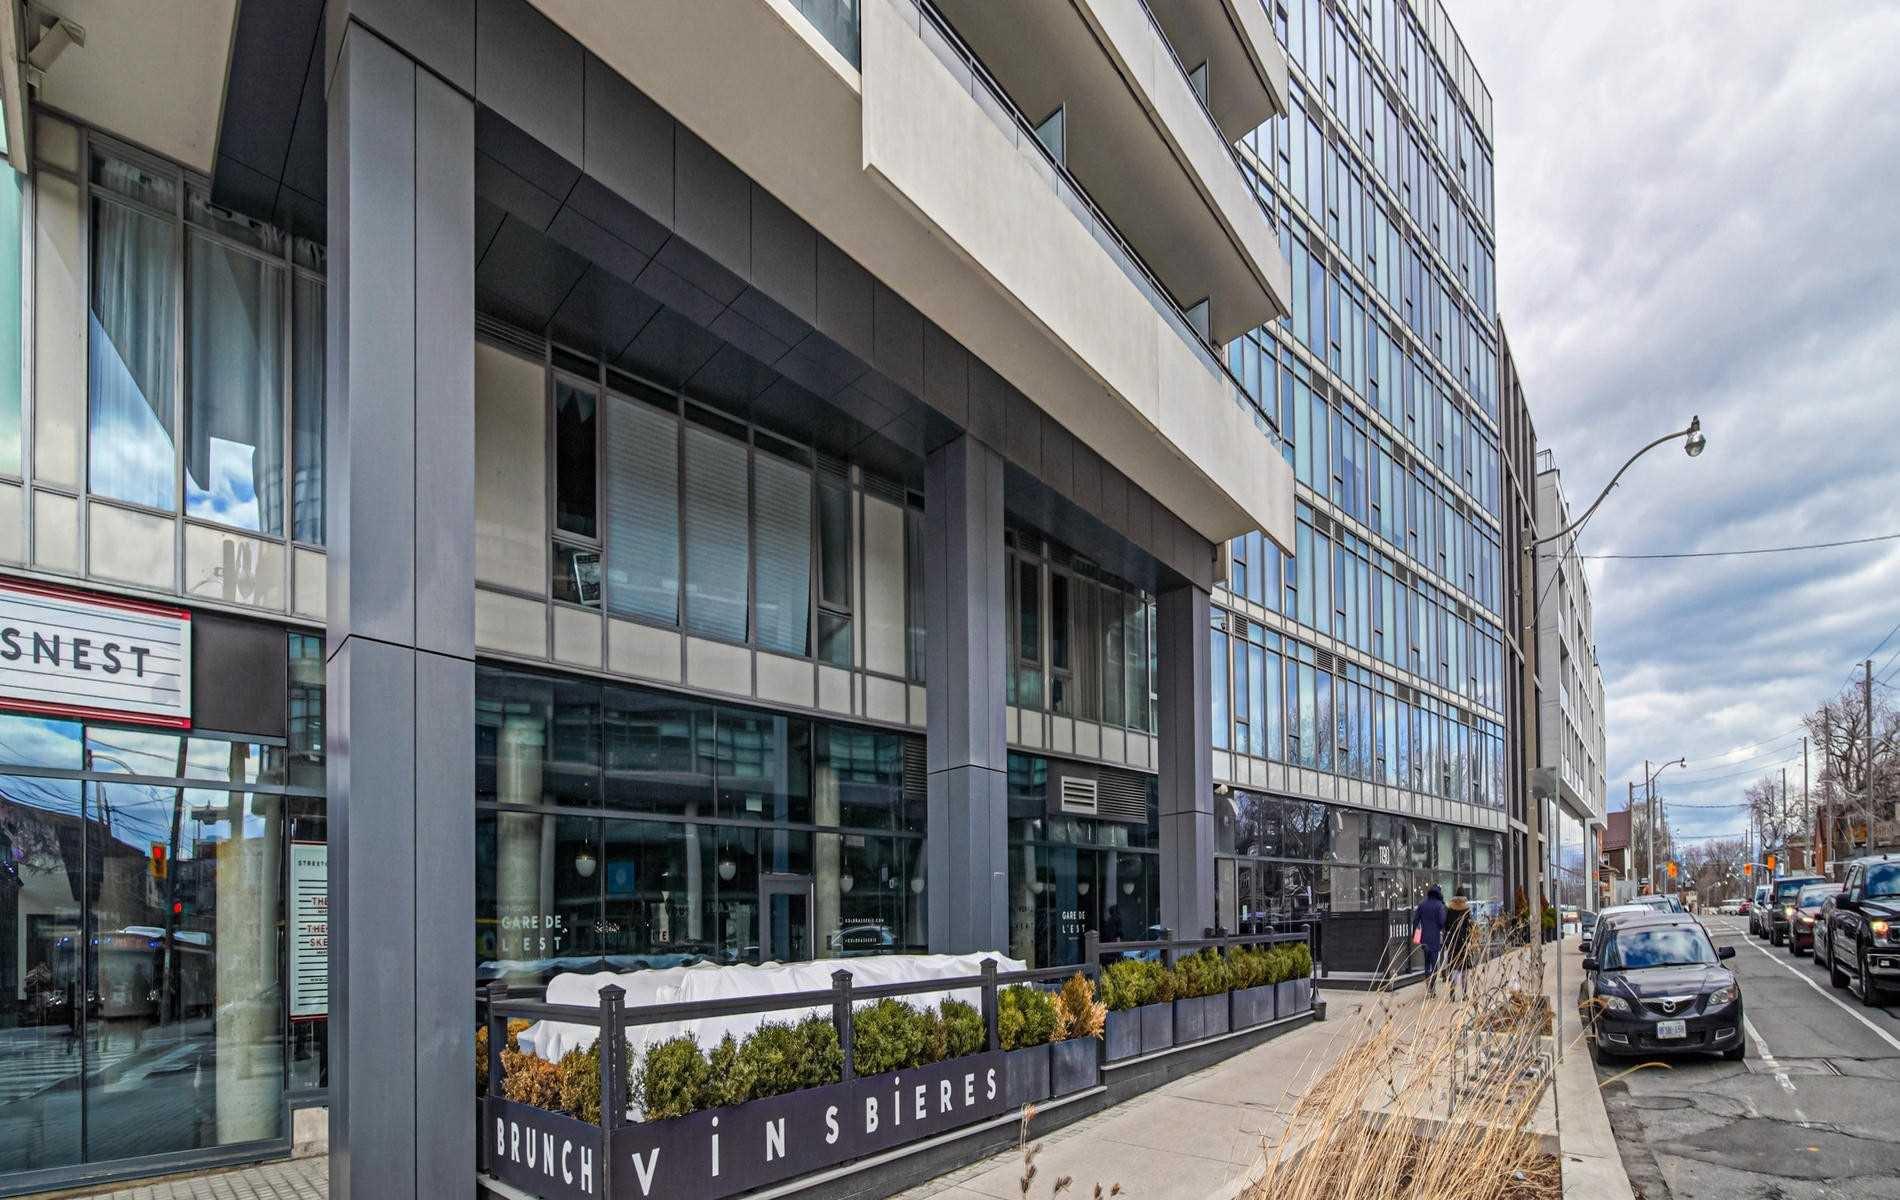 Photo 19: Photos: 702 1190 E Dundas Street in Toronto: South Riverdale Condo for sale (Toronto E01)  : MLS®# E4766173